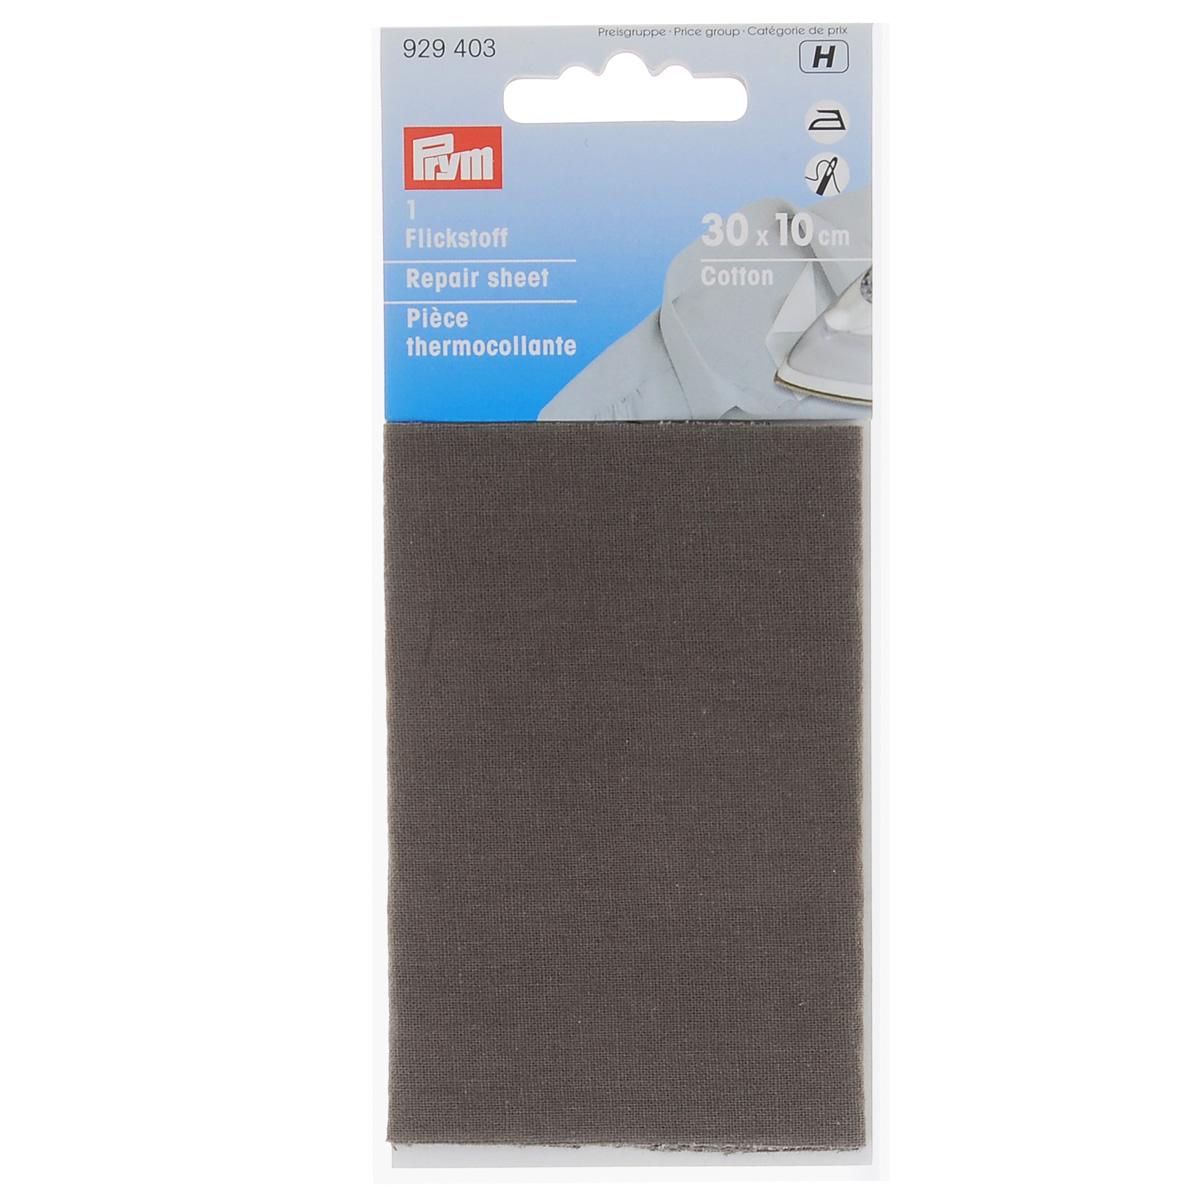 Термоткань для заплаток Prym, цвет: серый, 30 см х 10 см929403Однотонная термоткань Prym, изготовленная из 100% хлопка и оснащенная с обратной стороны клеевым слоем, используется в качестве заплаток. С помощью нее вы сможете быстро и без труда заделать дырку в джинсах, шортах и пр. Обрежьте края дырки от лишних ниток, прогладьте их утюгом, приложите заранее отрезанный кусок термоткани нужного размера и как следует прогладьте ткань не менее 12 секунд. Для дополнительной прочности ткань можно еще и настрочить. Размер: 30 см х 10 см.